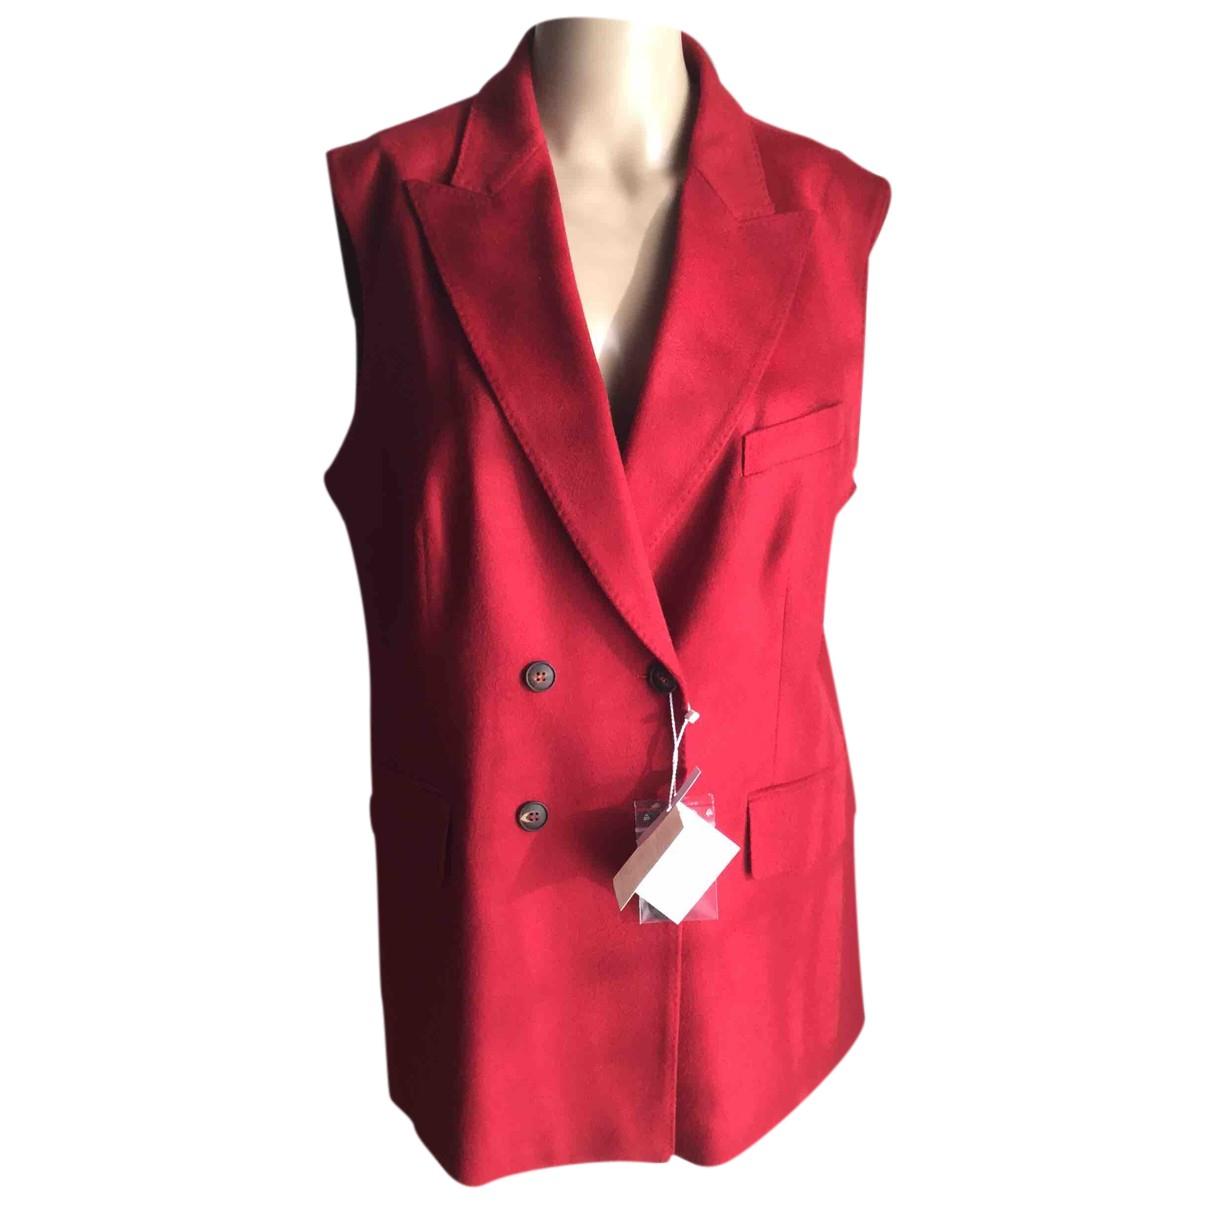 Max Mara N Red Wool Knitwear for Women 50-52 IT